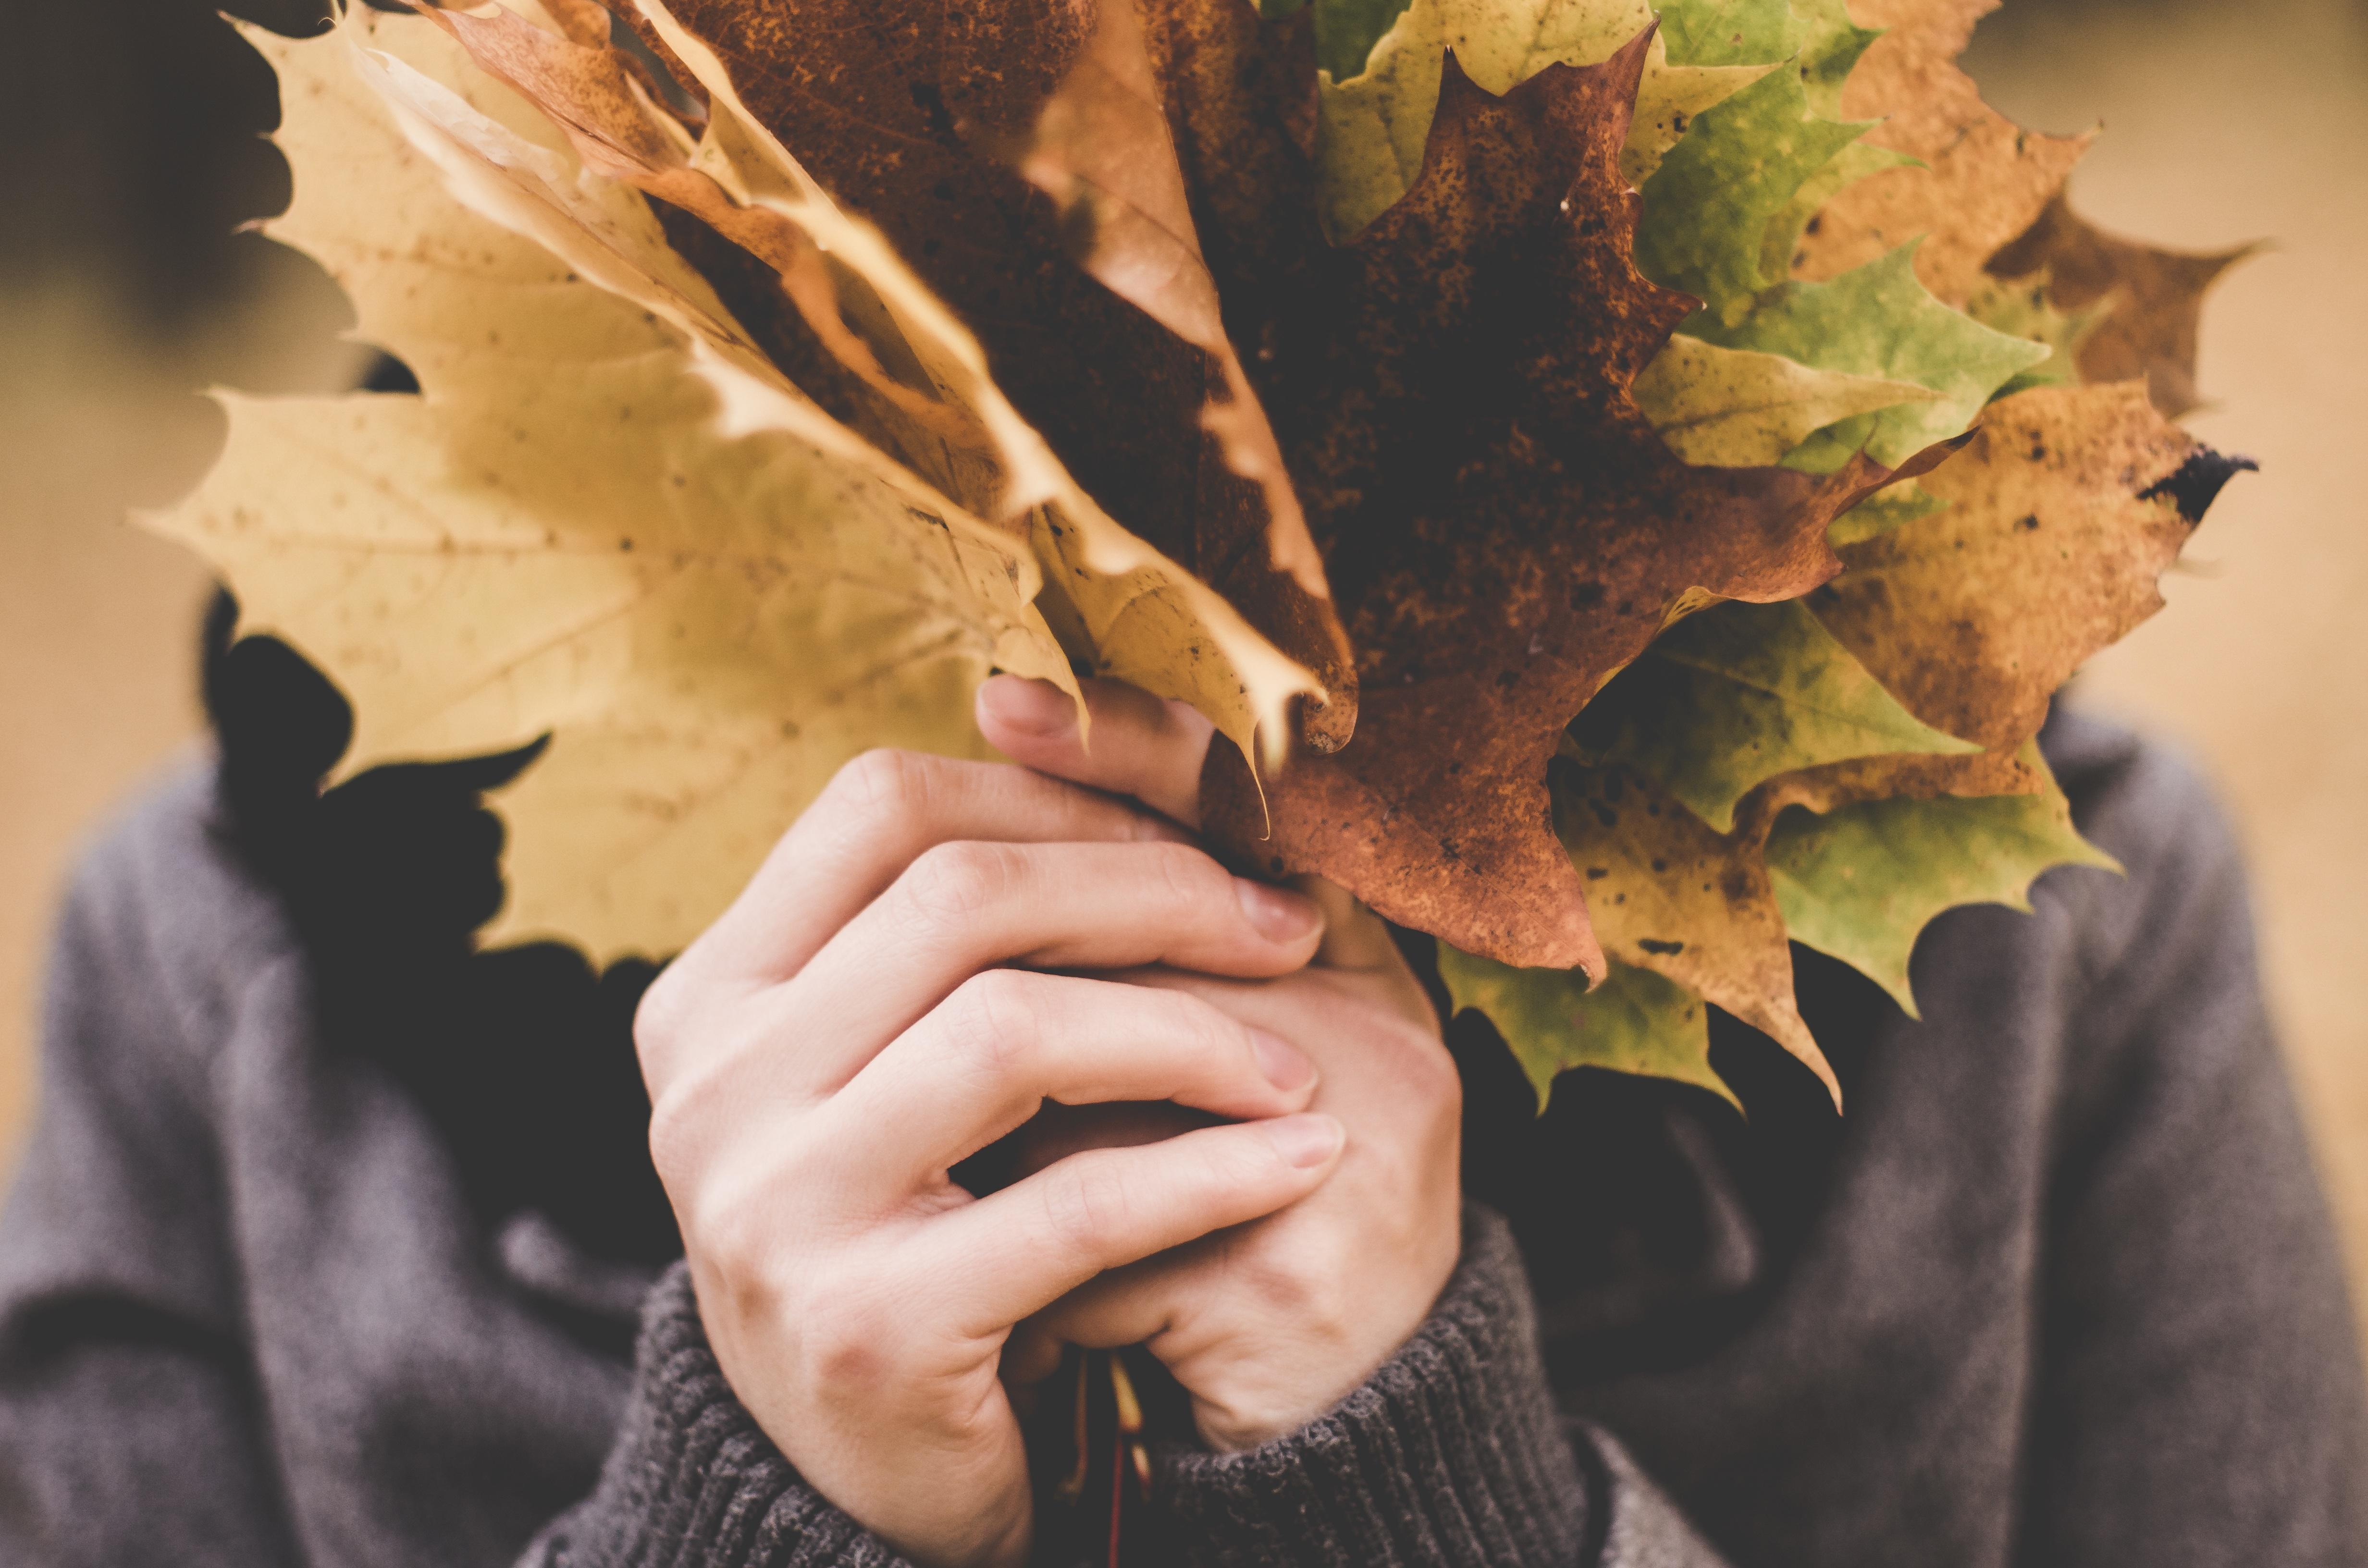 Gambar Tangan Pohon Cabang Orang Menanam Jatuh Bunga Musim